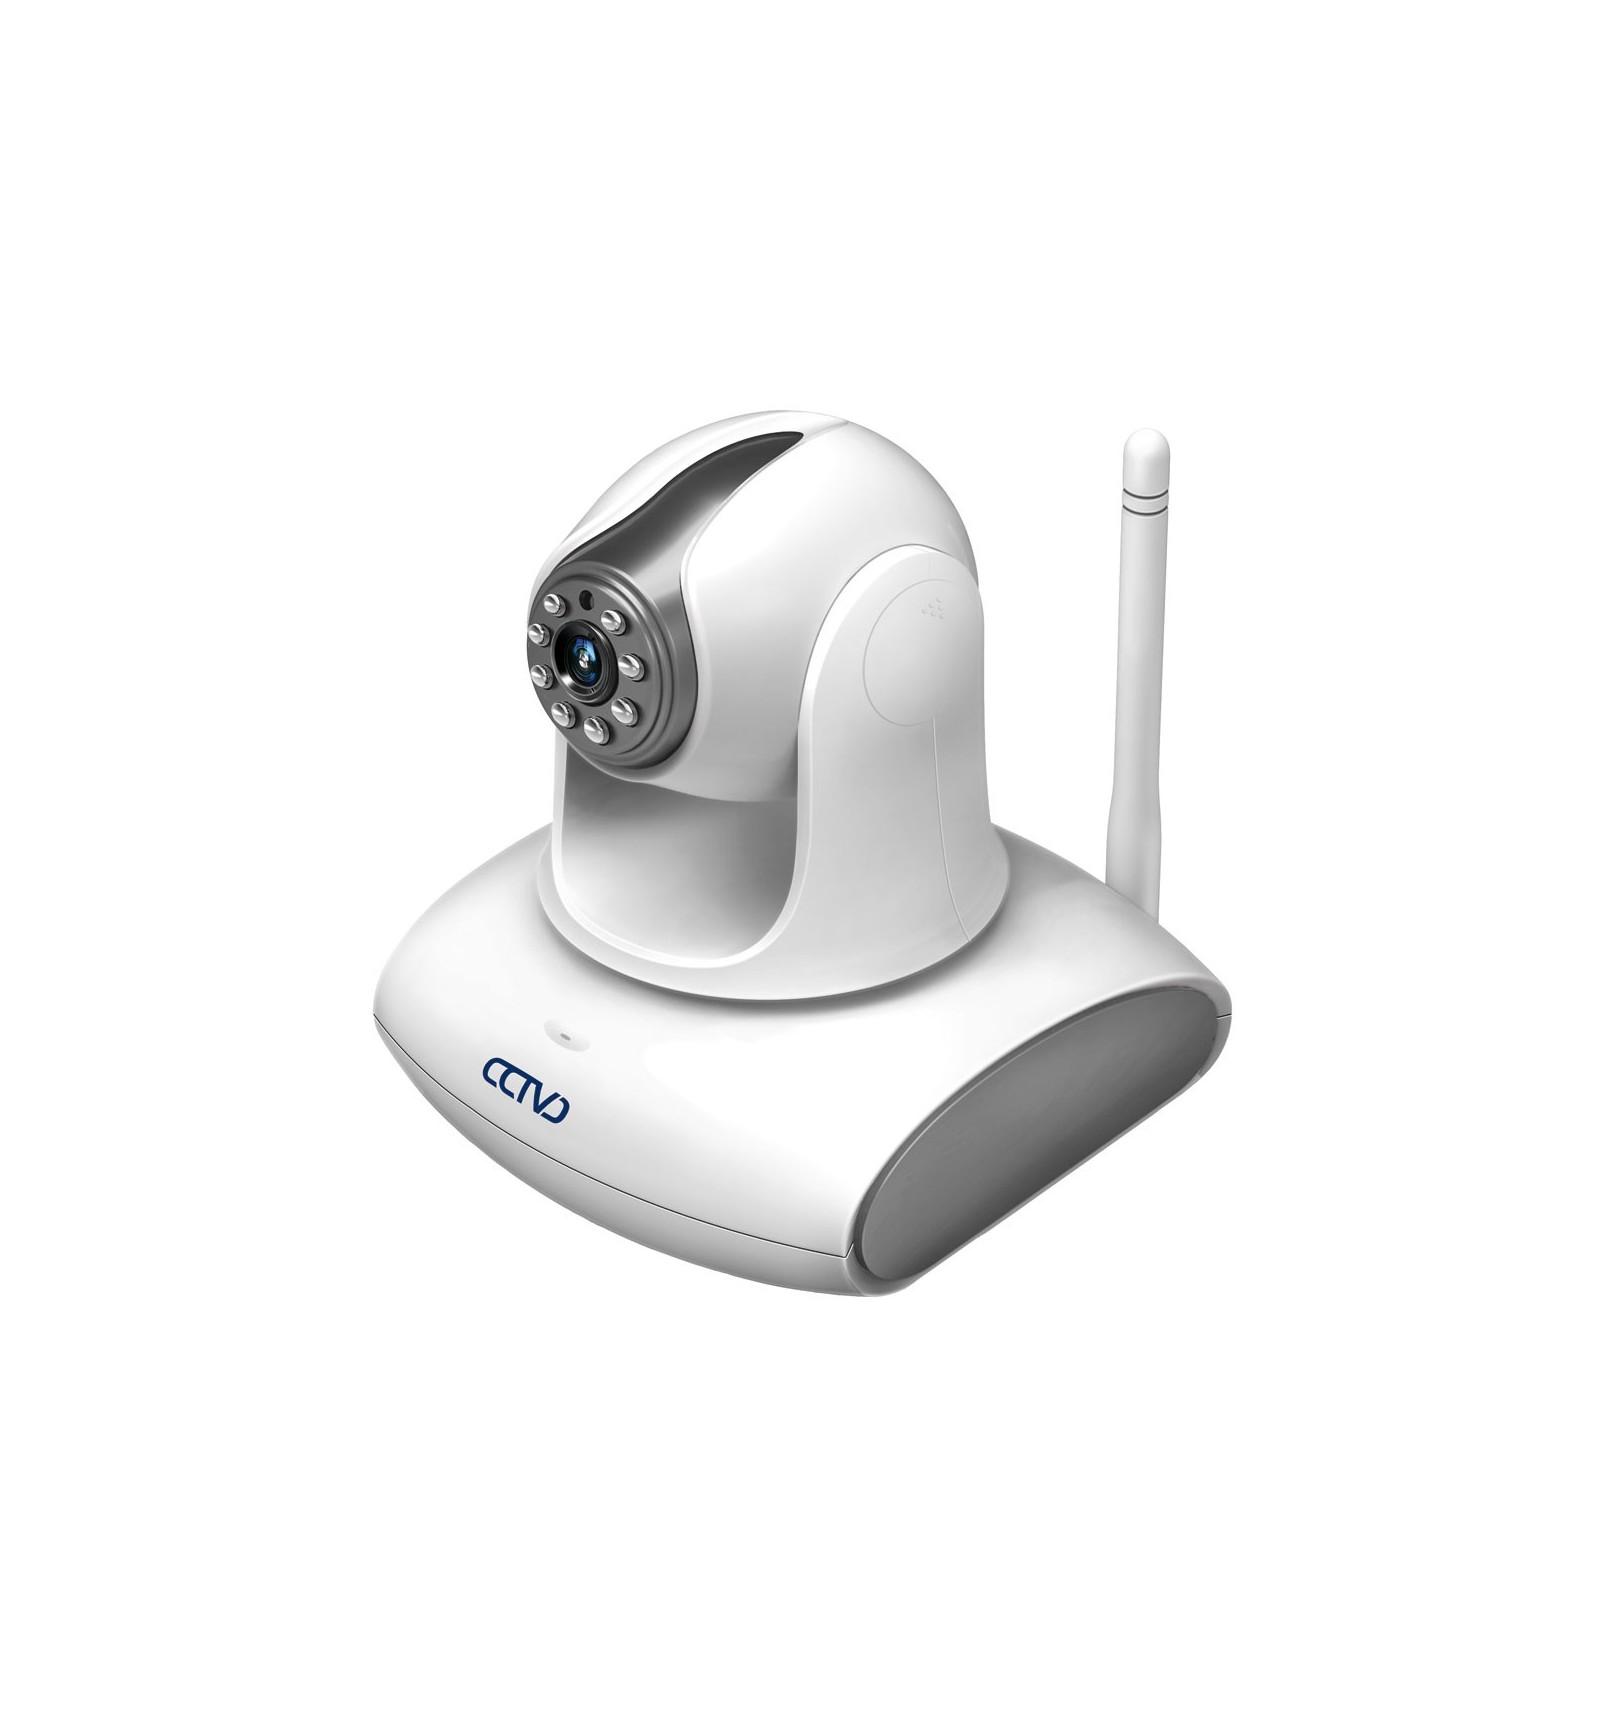 Camara de vigilancia ip con movimiento economica - Camara de vigilancia ip wifi ...